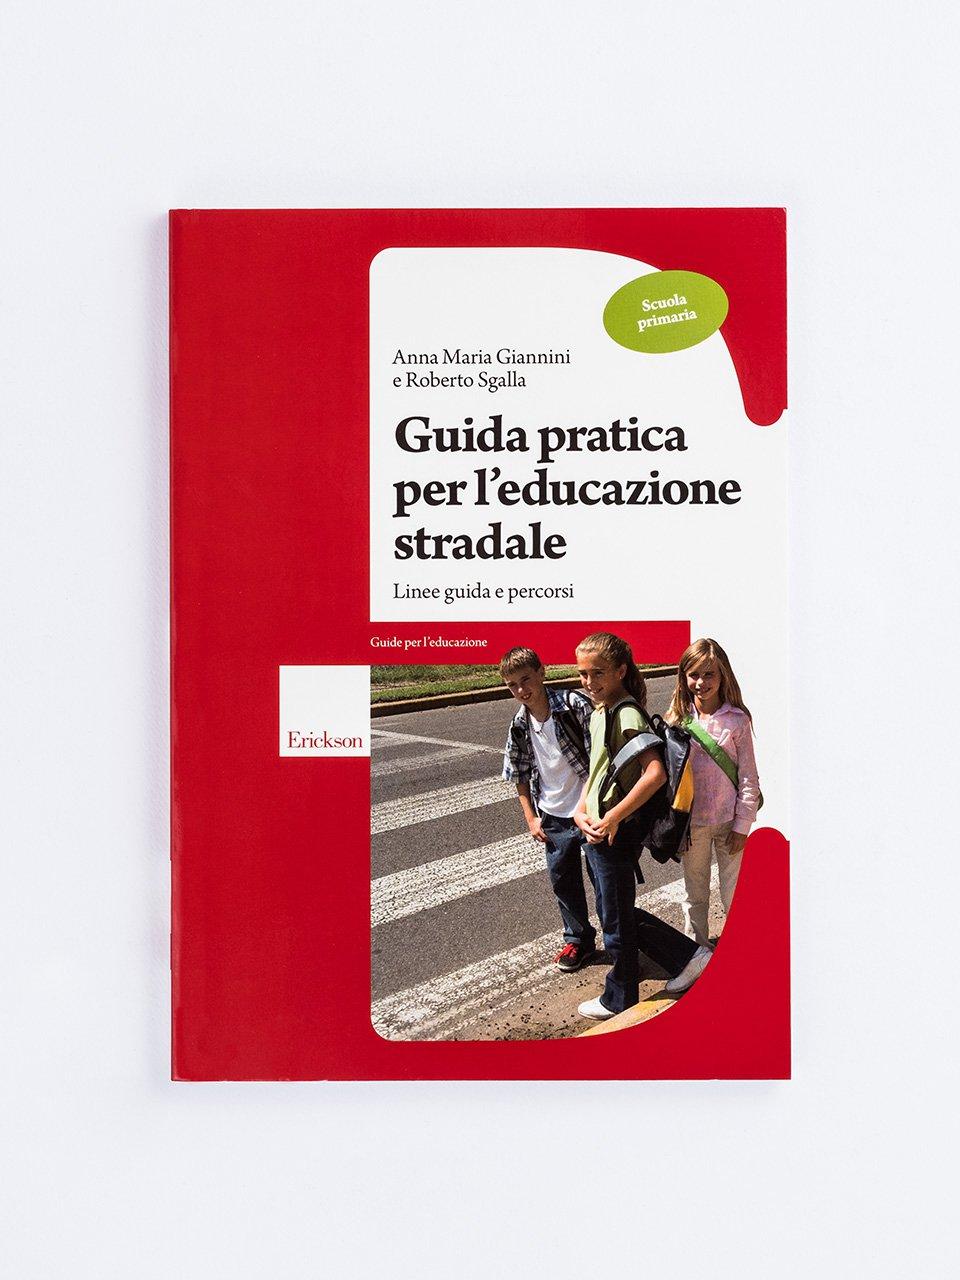 Guida pratica per l'educazione stradale - Scuola primaria - Imparo a fare i Lapbook. Aprendo...Apprendo!® - Co - Formazione - Erickson